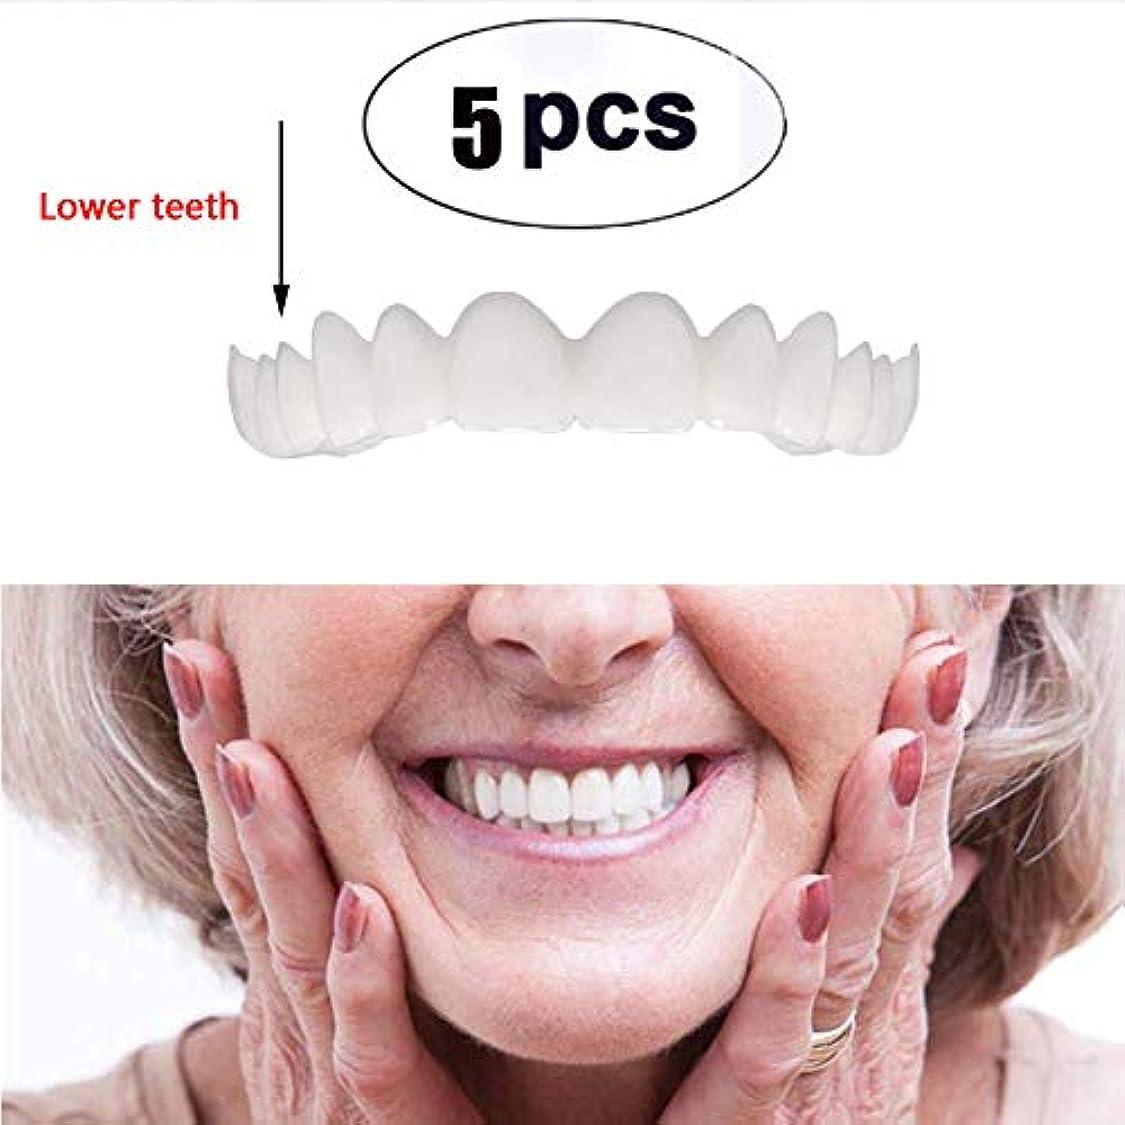 群がる説明自動化5ピース下の歯一時的な化粧品の歯化粧品模擬ブレースホワイトニング歯スナップキャップインスタント快適なフレックスパーフェクトベニア